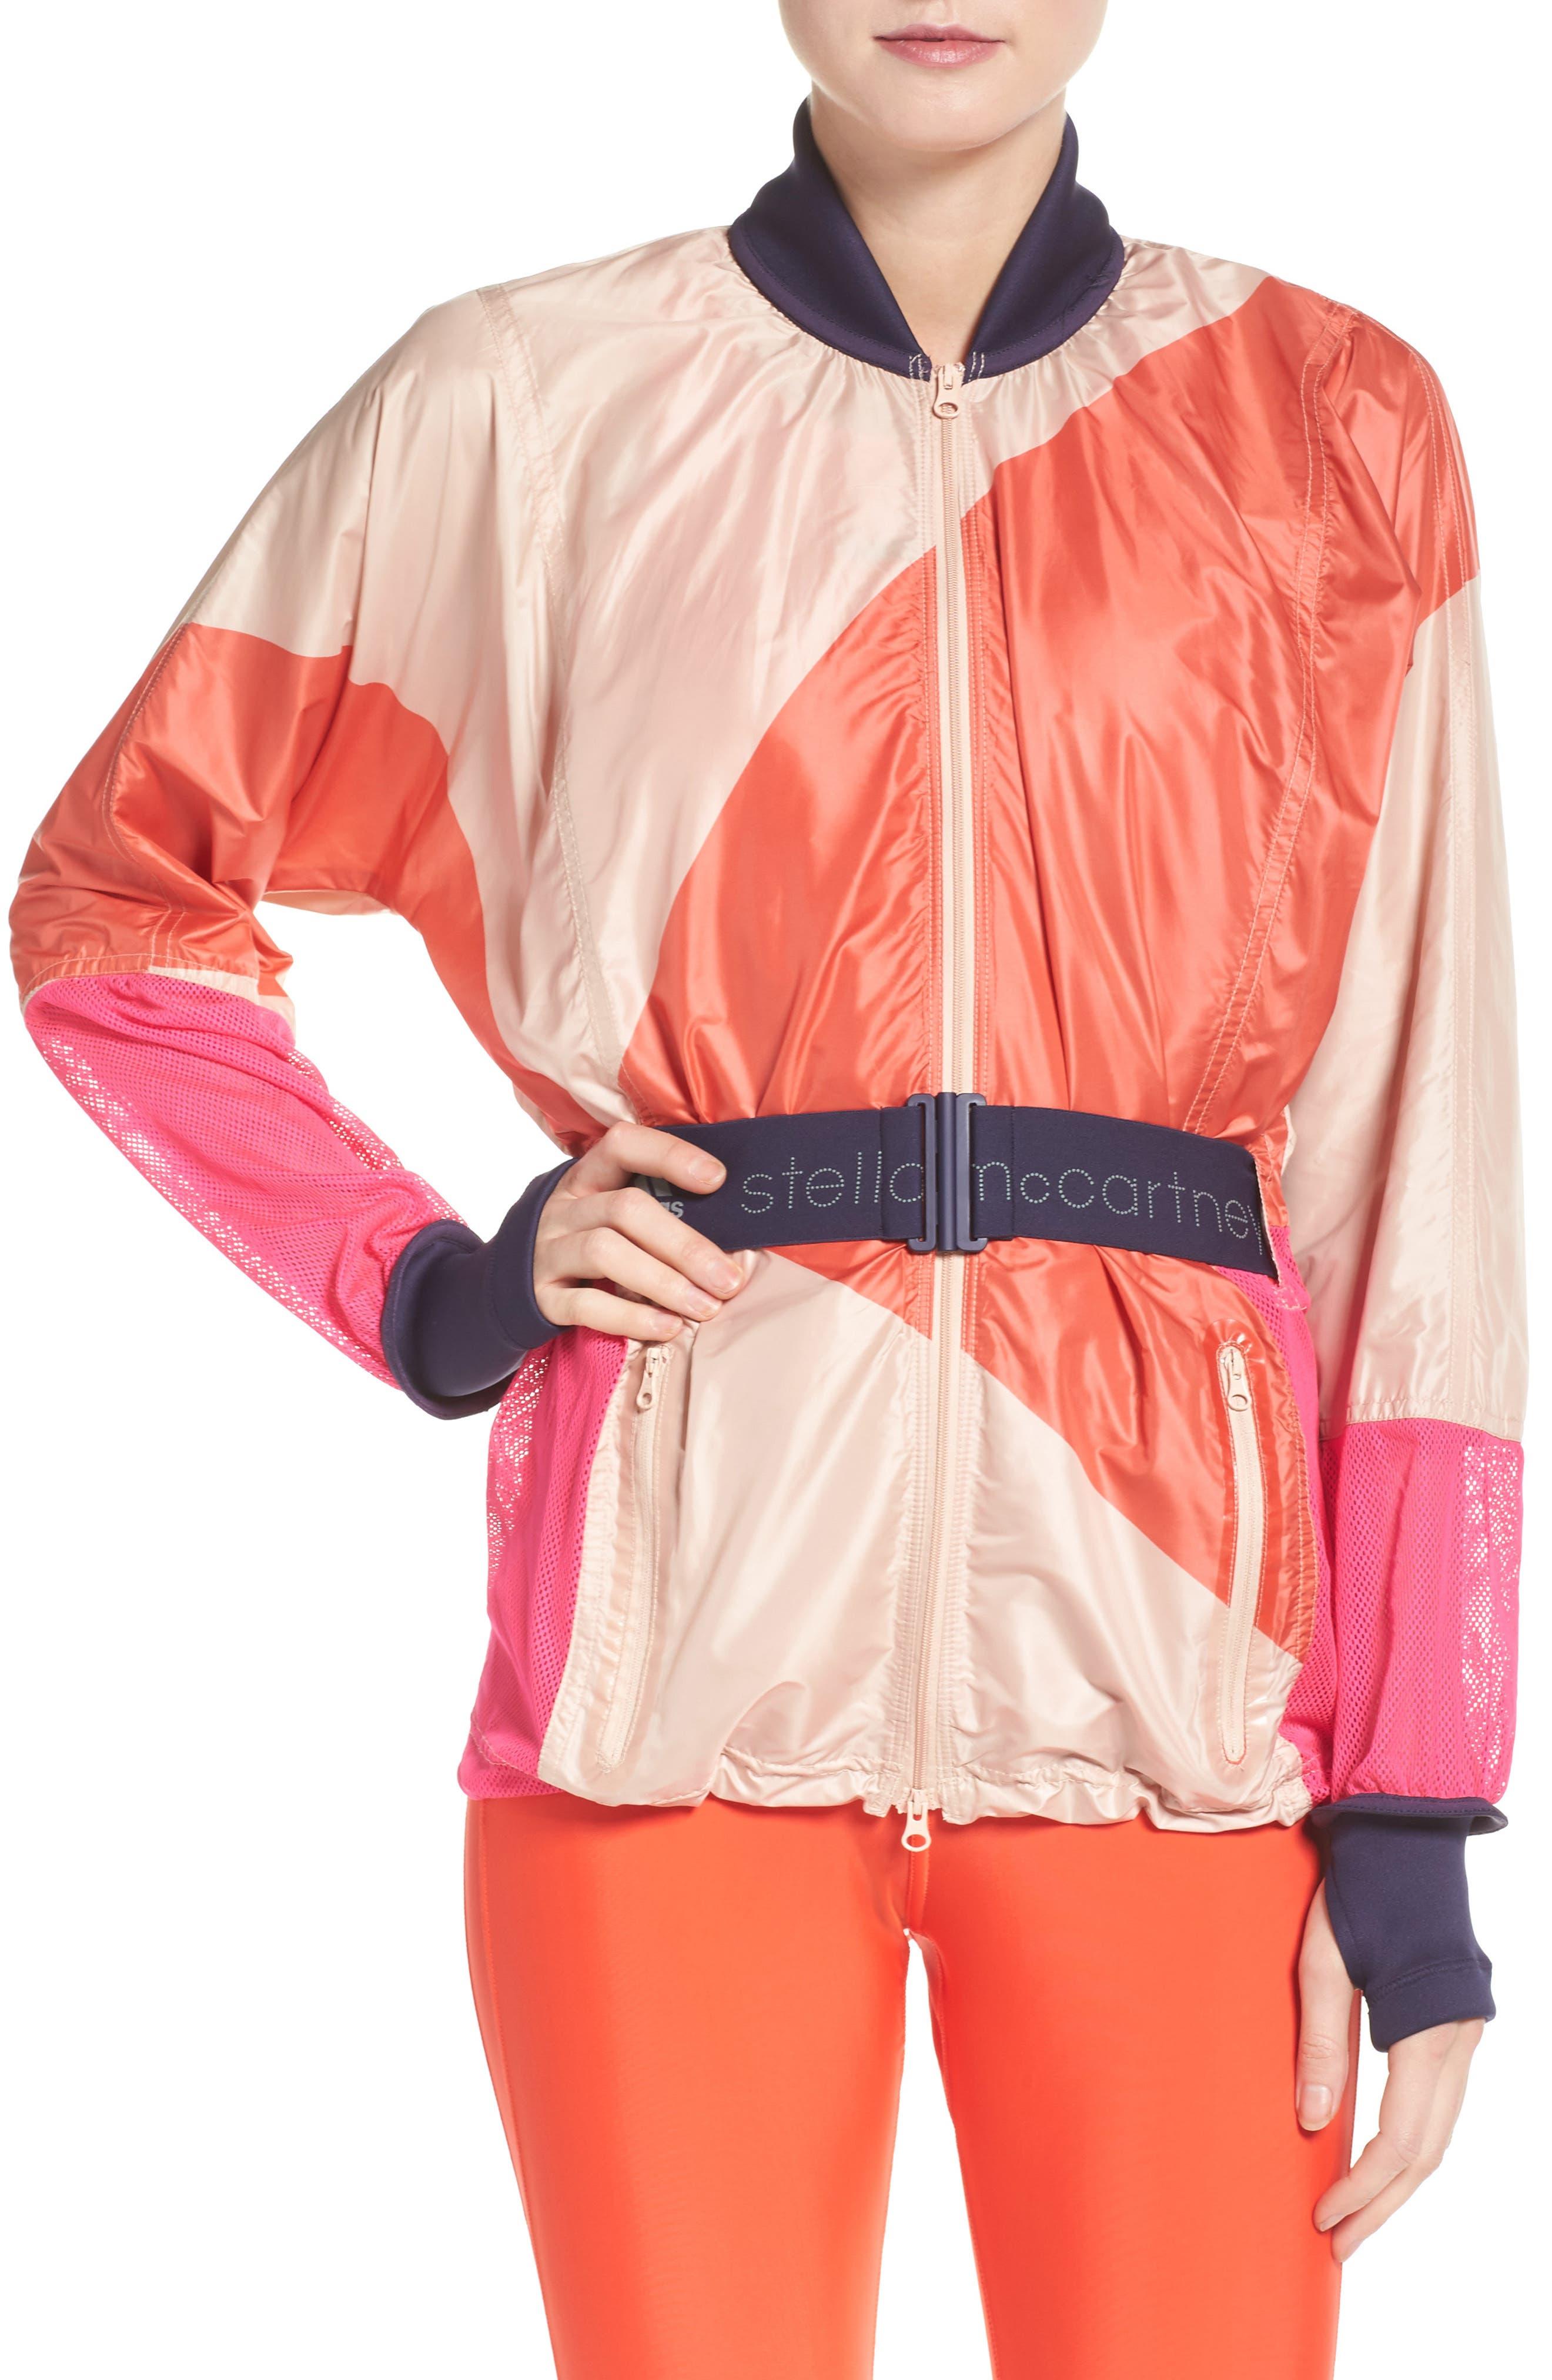 Kite Climastorm<sup>®</sup> Run Jacket,                             Main thumbnail 1, color,                             600